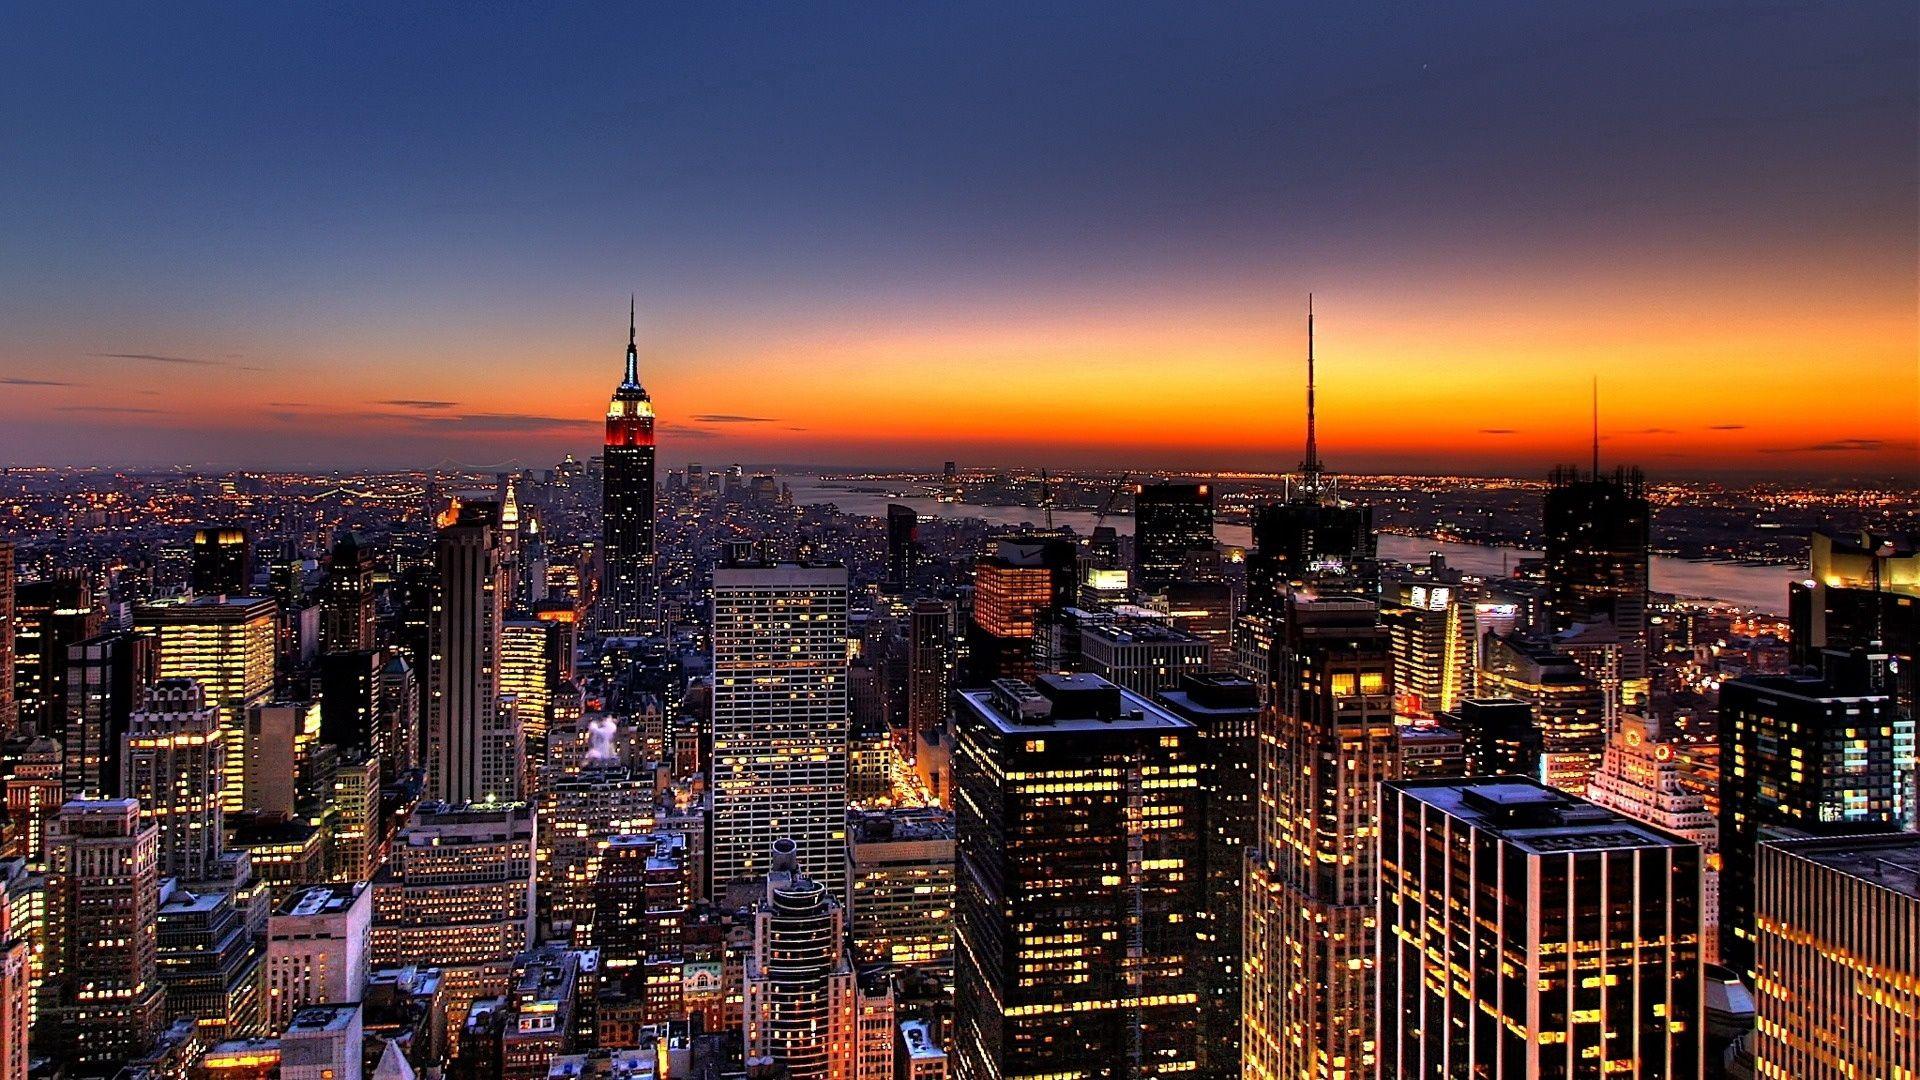 154823 Заставки и Обои Города на телефон. Скачать Нью-Йорк, Ночь, Небоскребы, Вид Сверху, Города картинки бесплатно